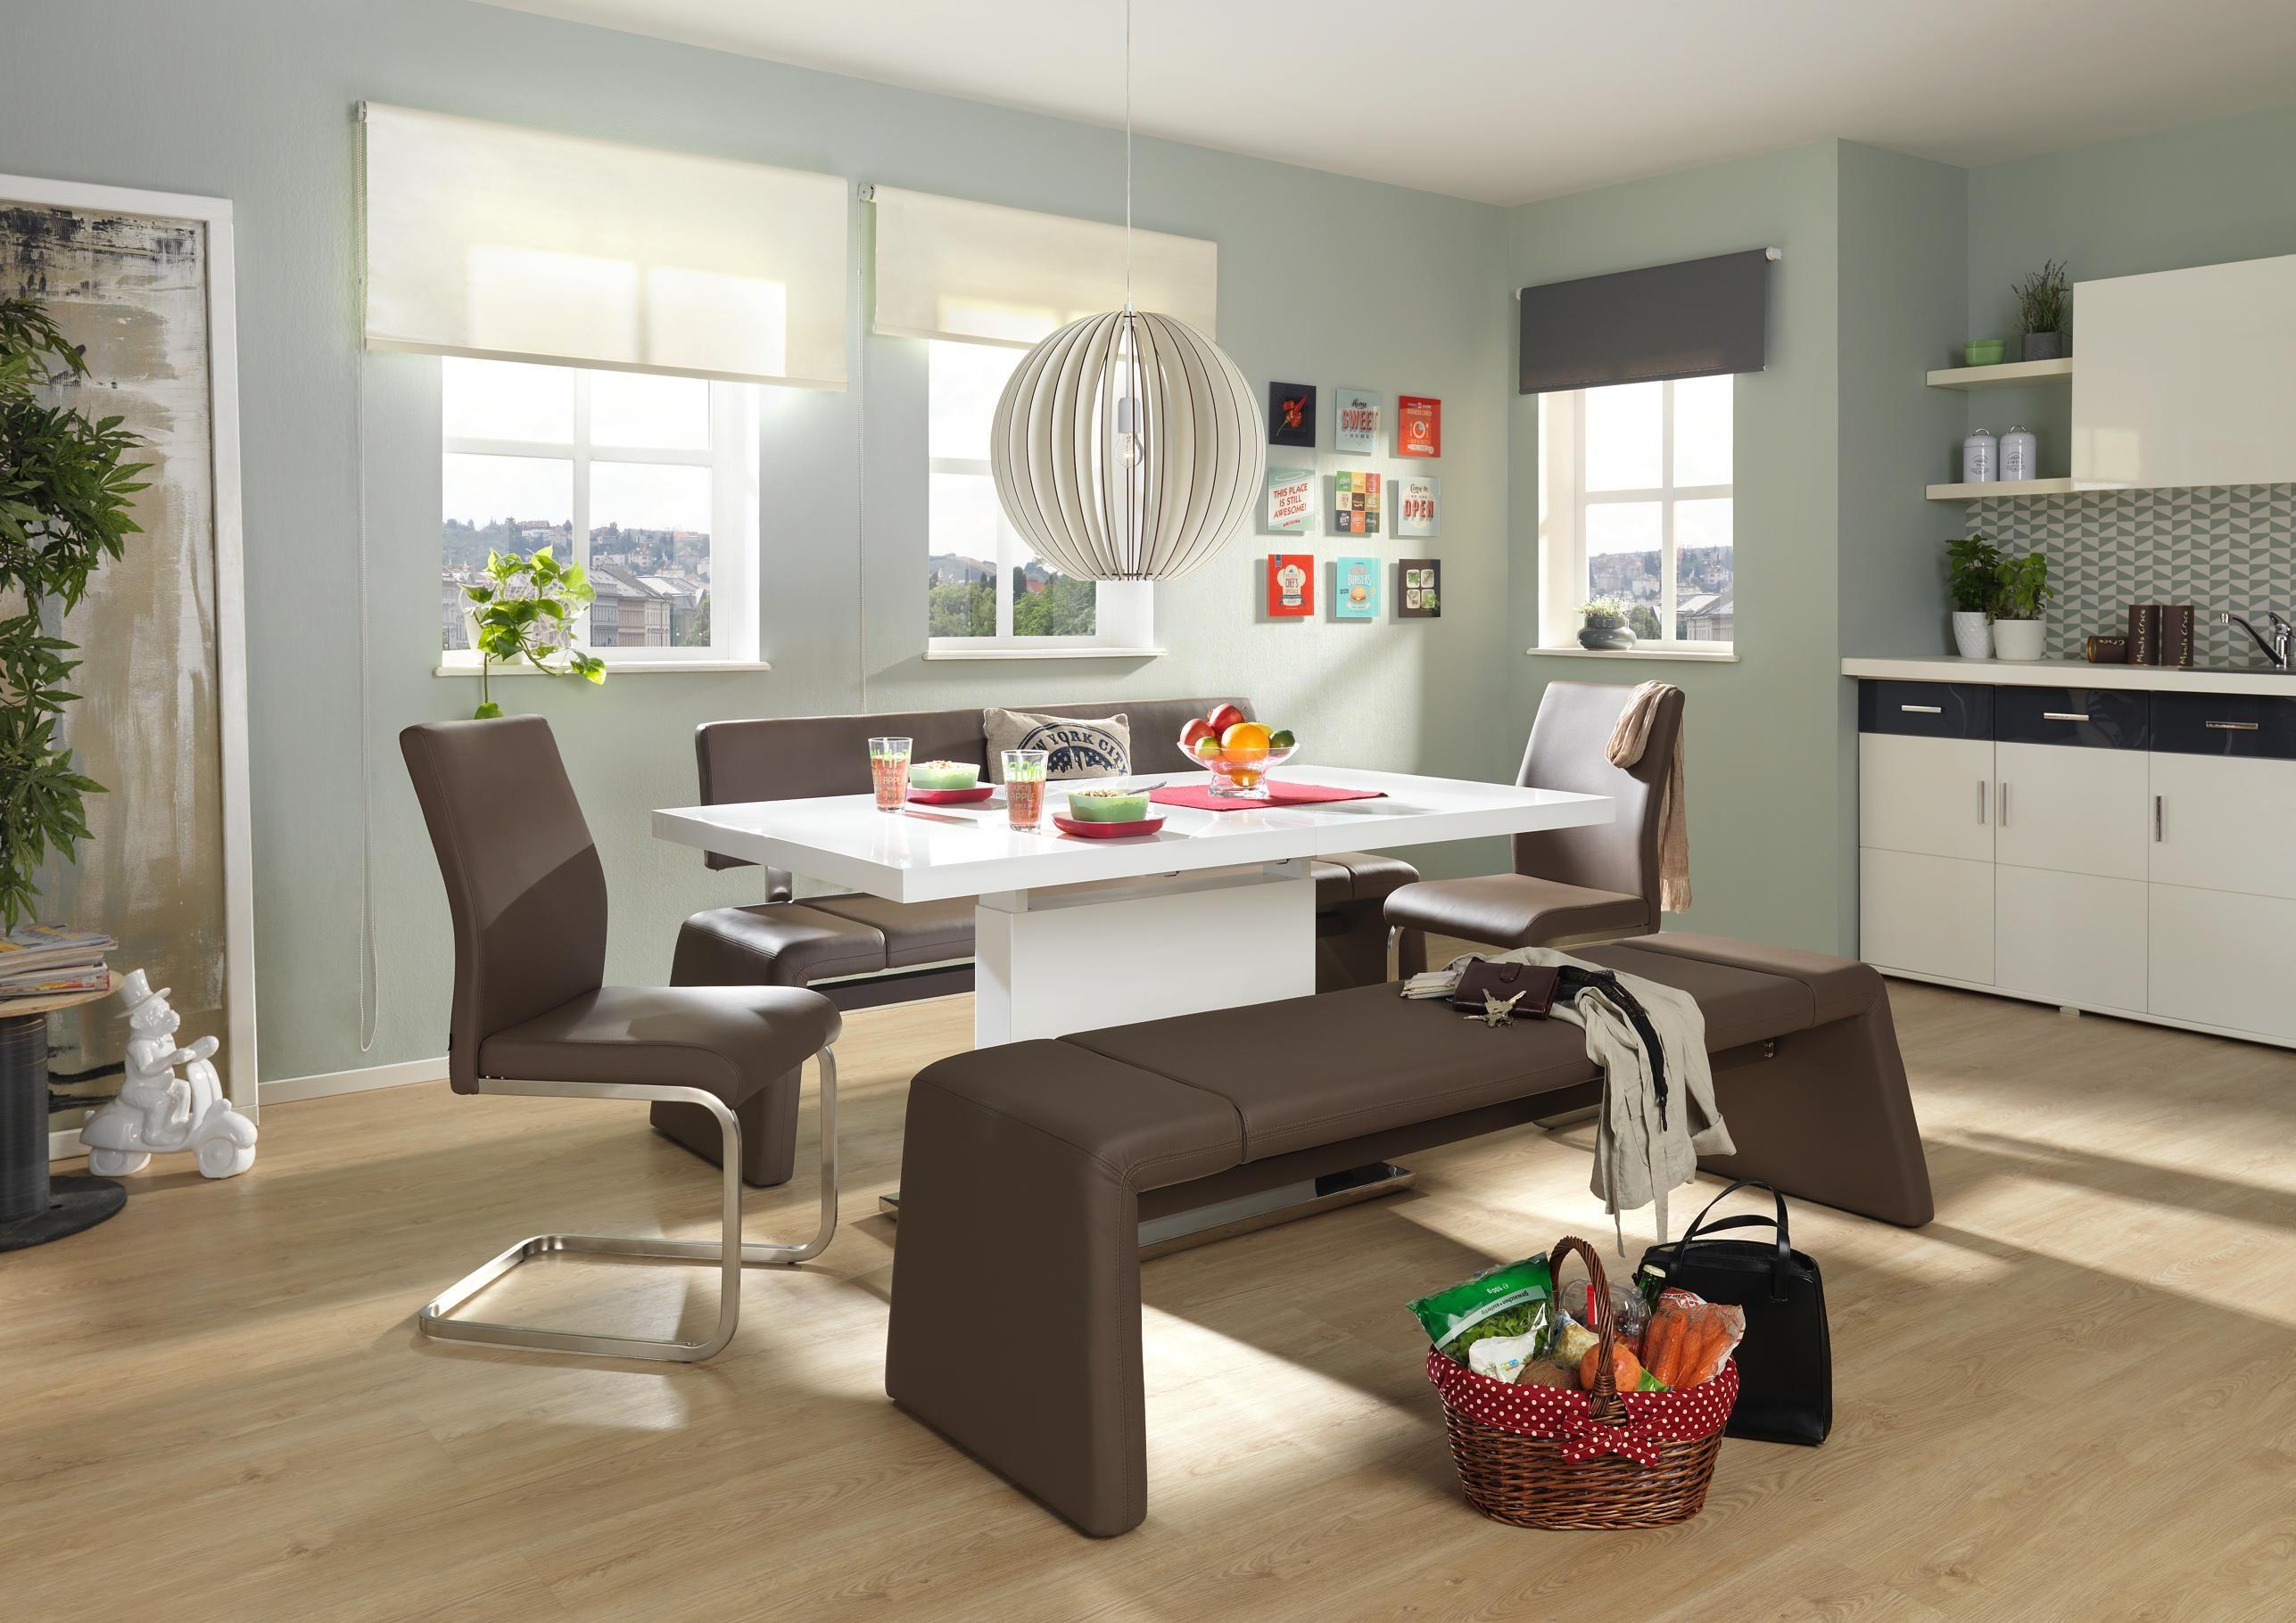 Esstisch für ein modernes Zuhause zum Wohlfühlen   Esszimmer ...